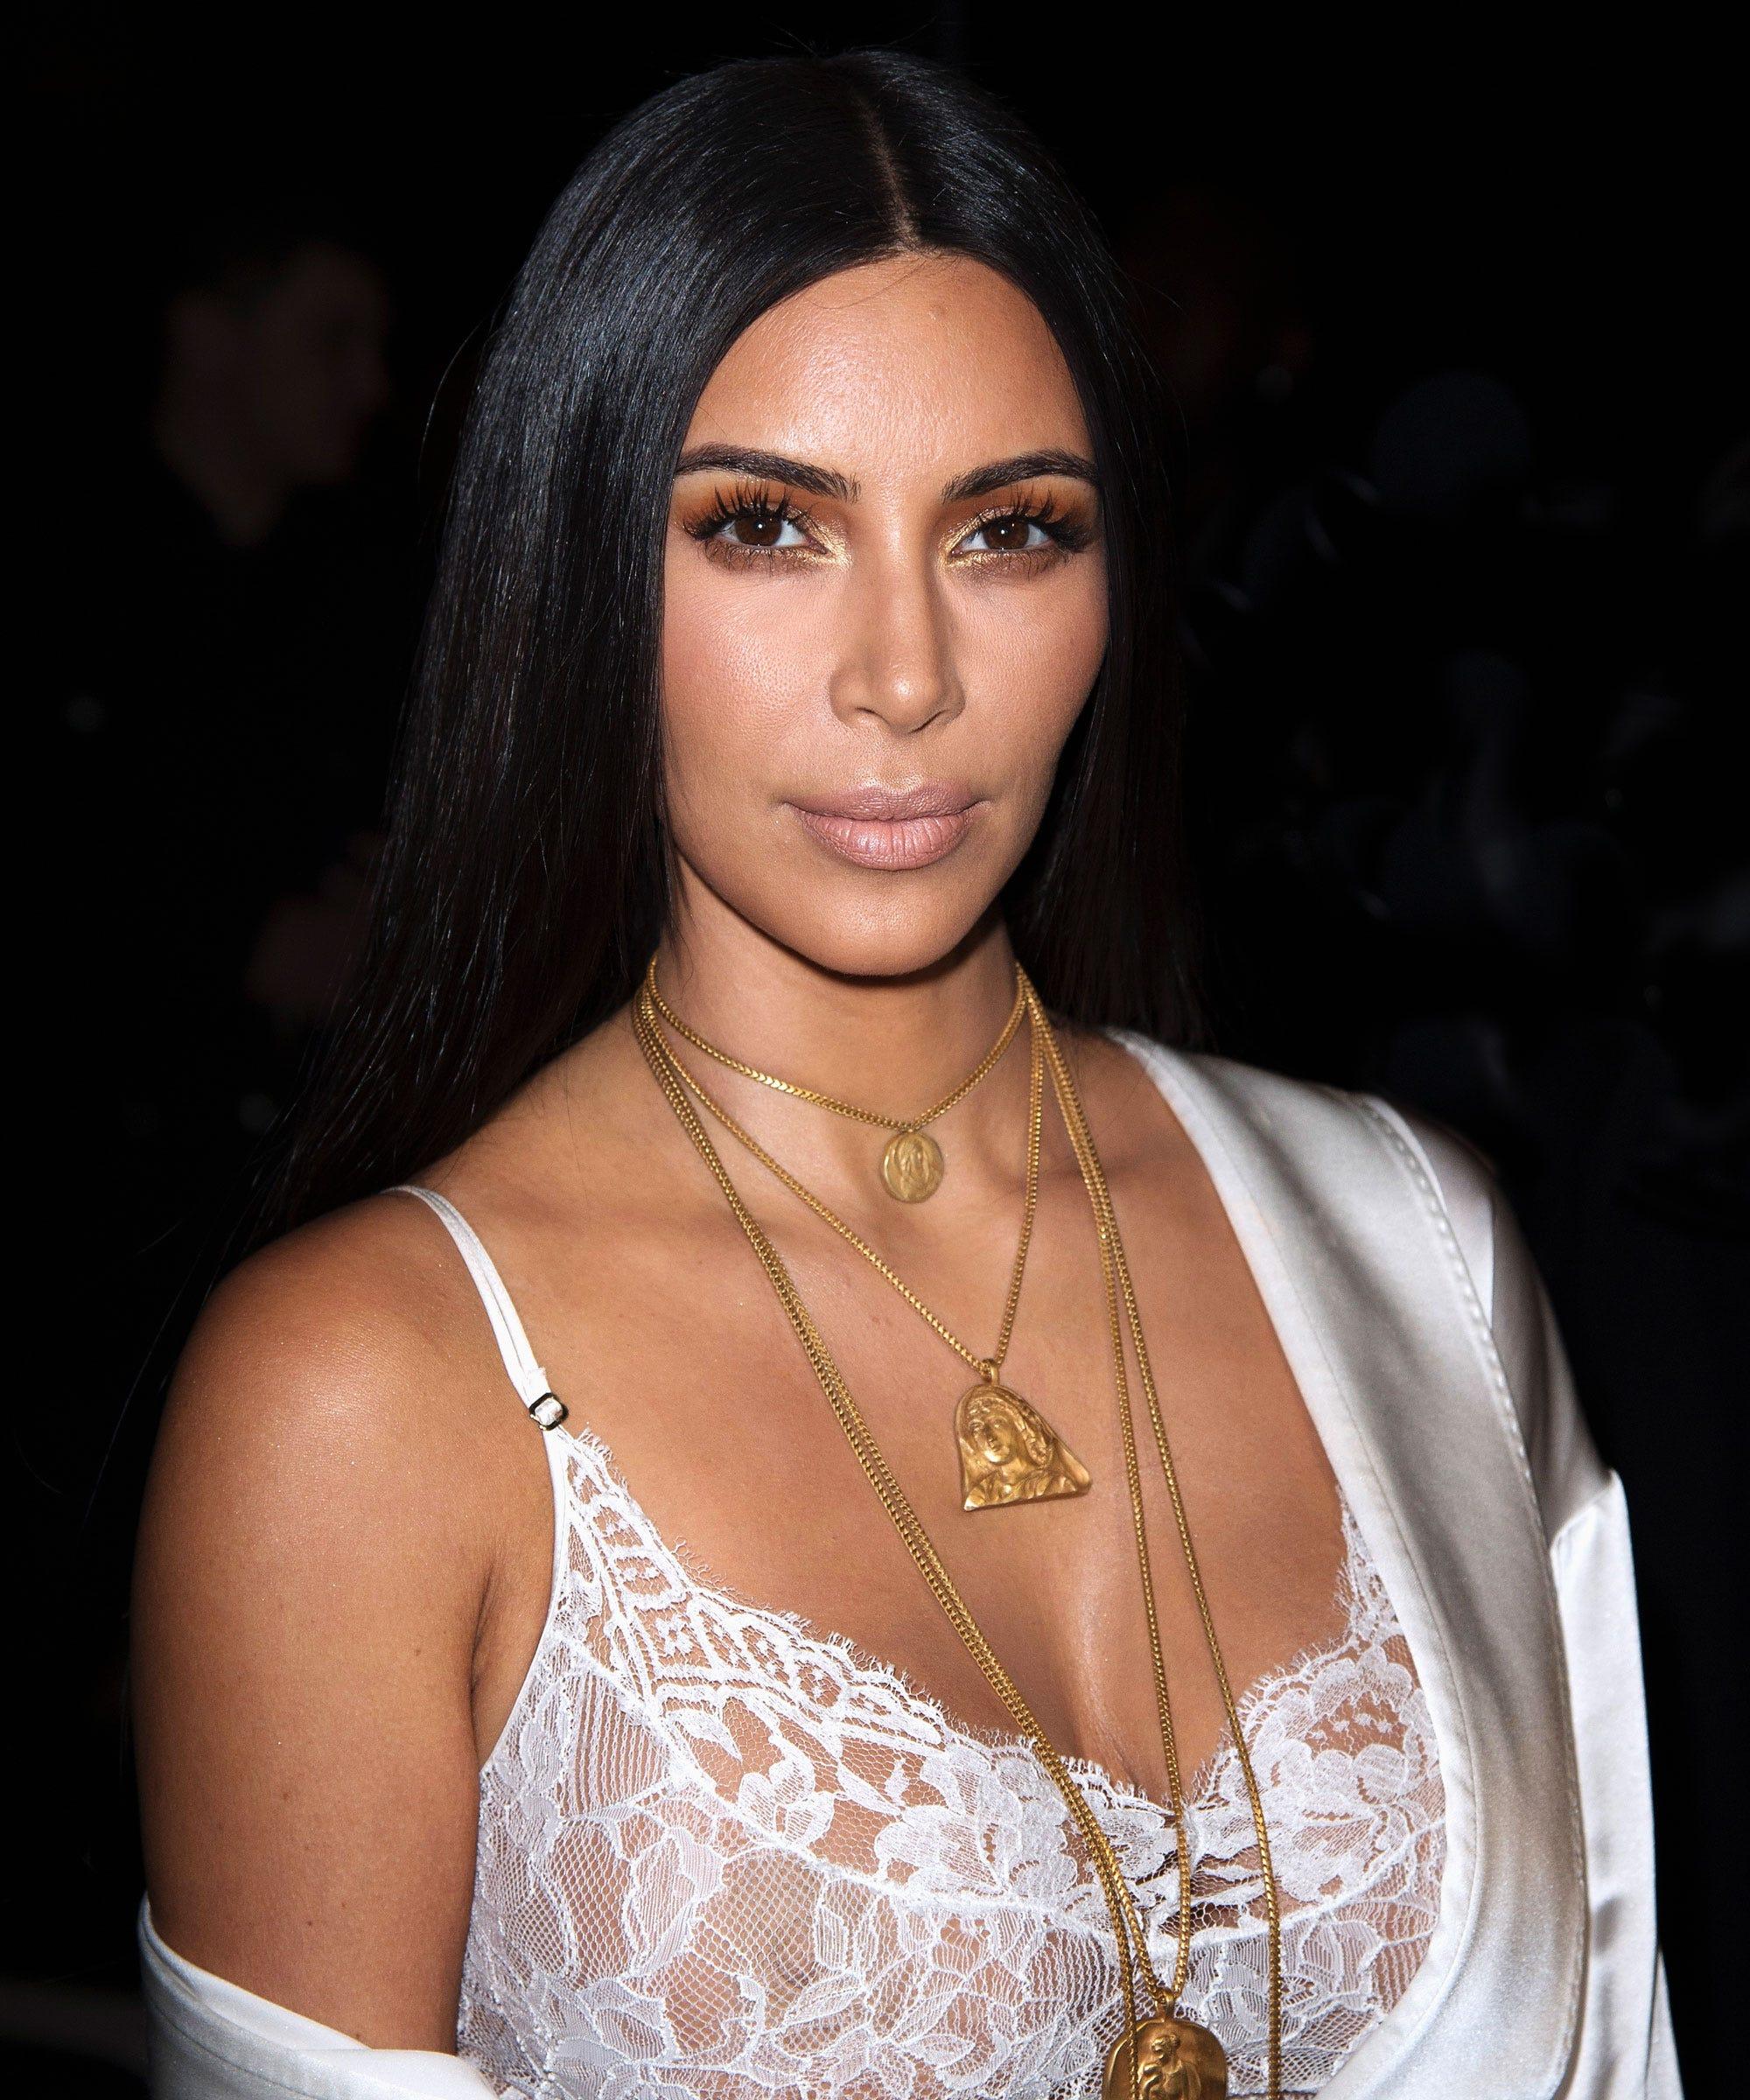 Kim Kardashian Robbery Hair Extensions Hairstyle Photos